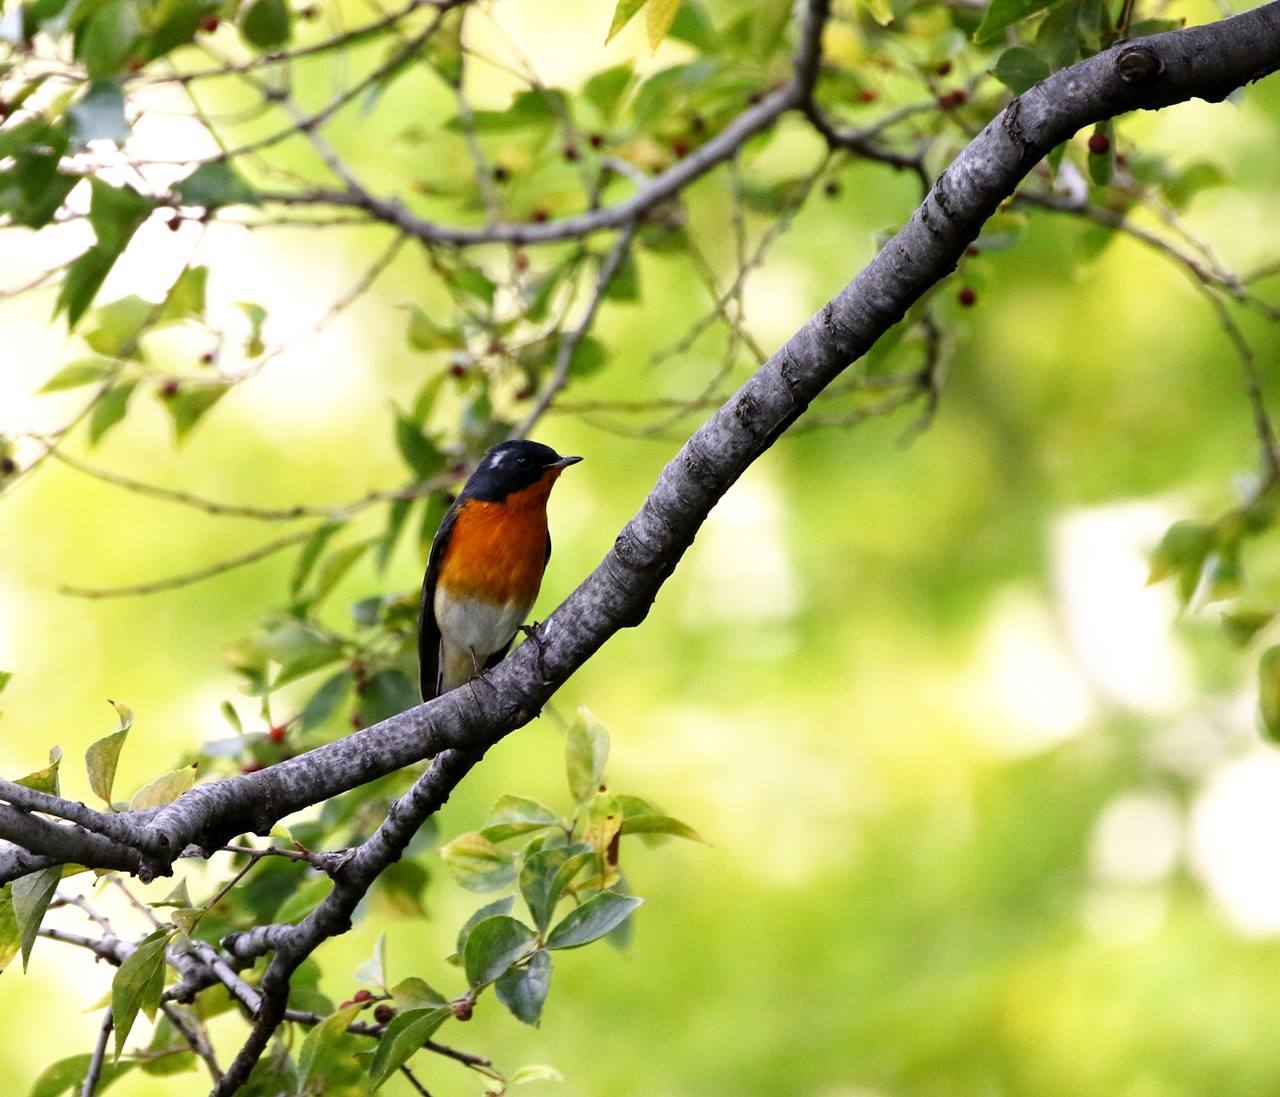 やっとムギマキ♂成鳥に出会う(その2)_c0213607_11381001.jpg